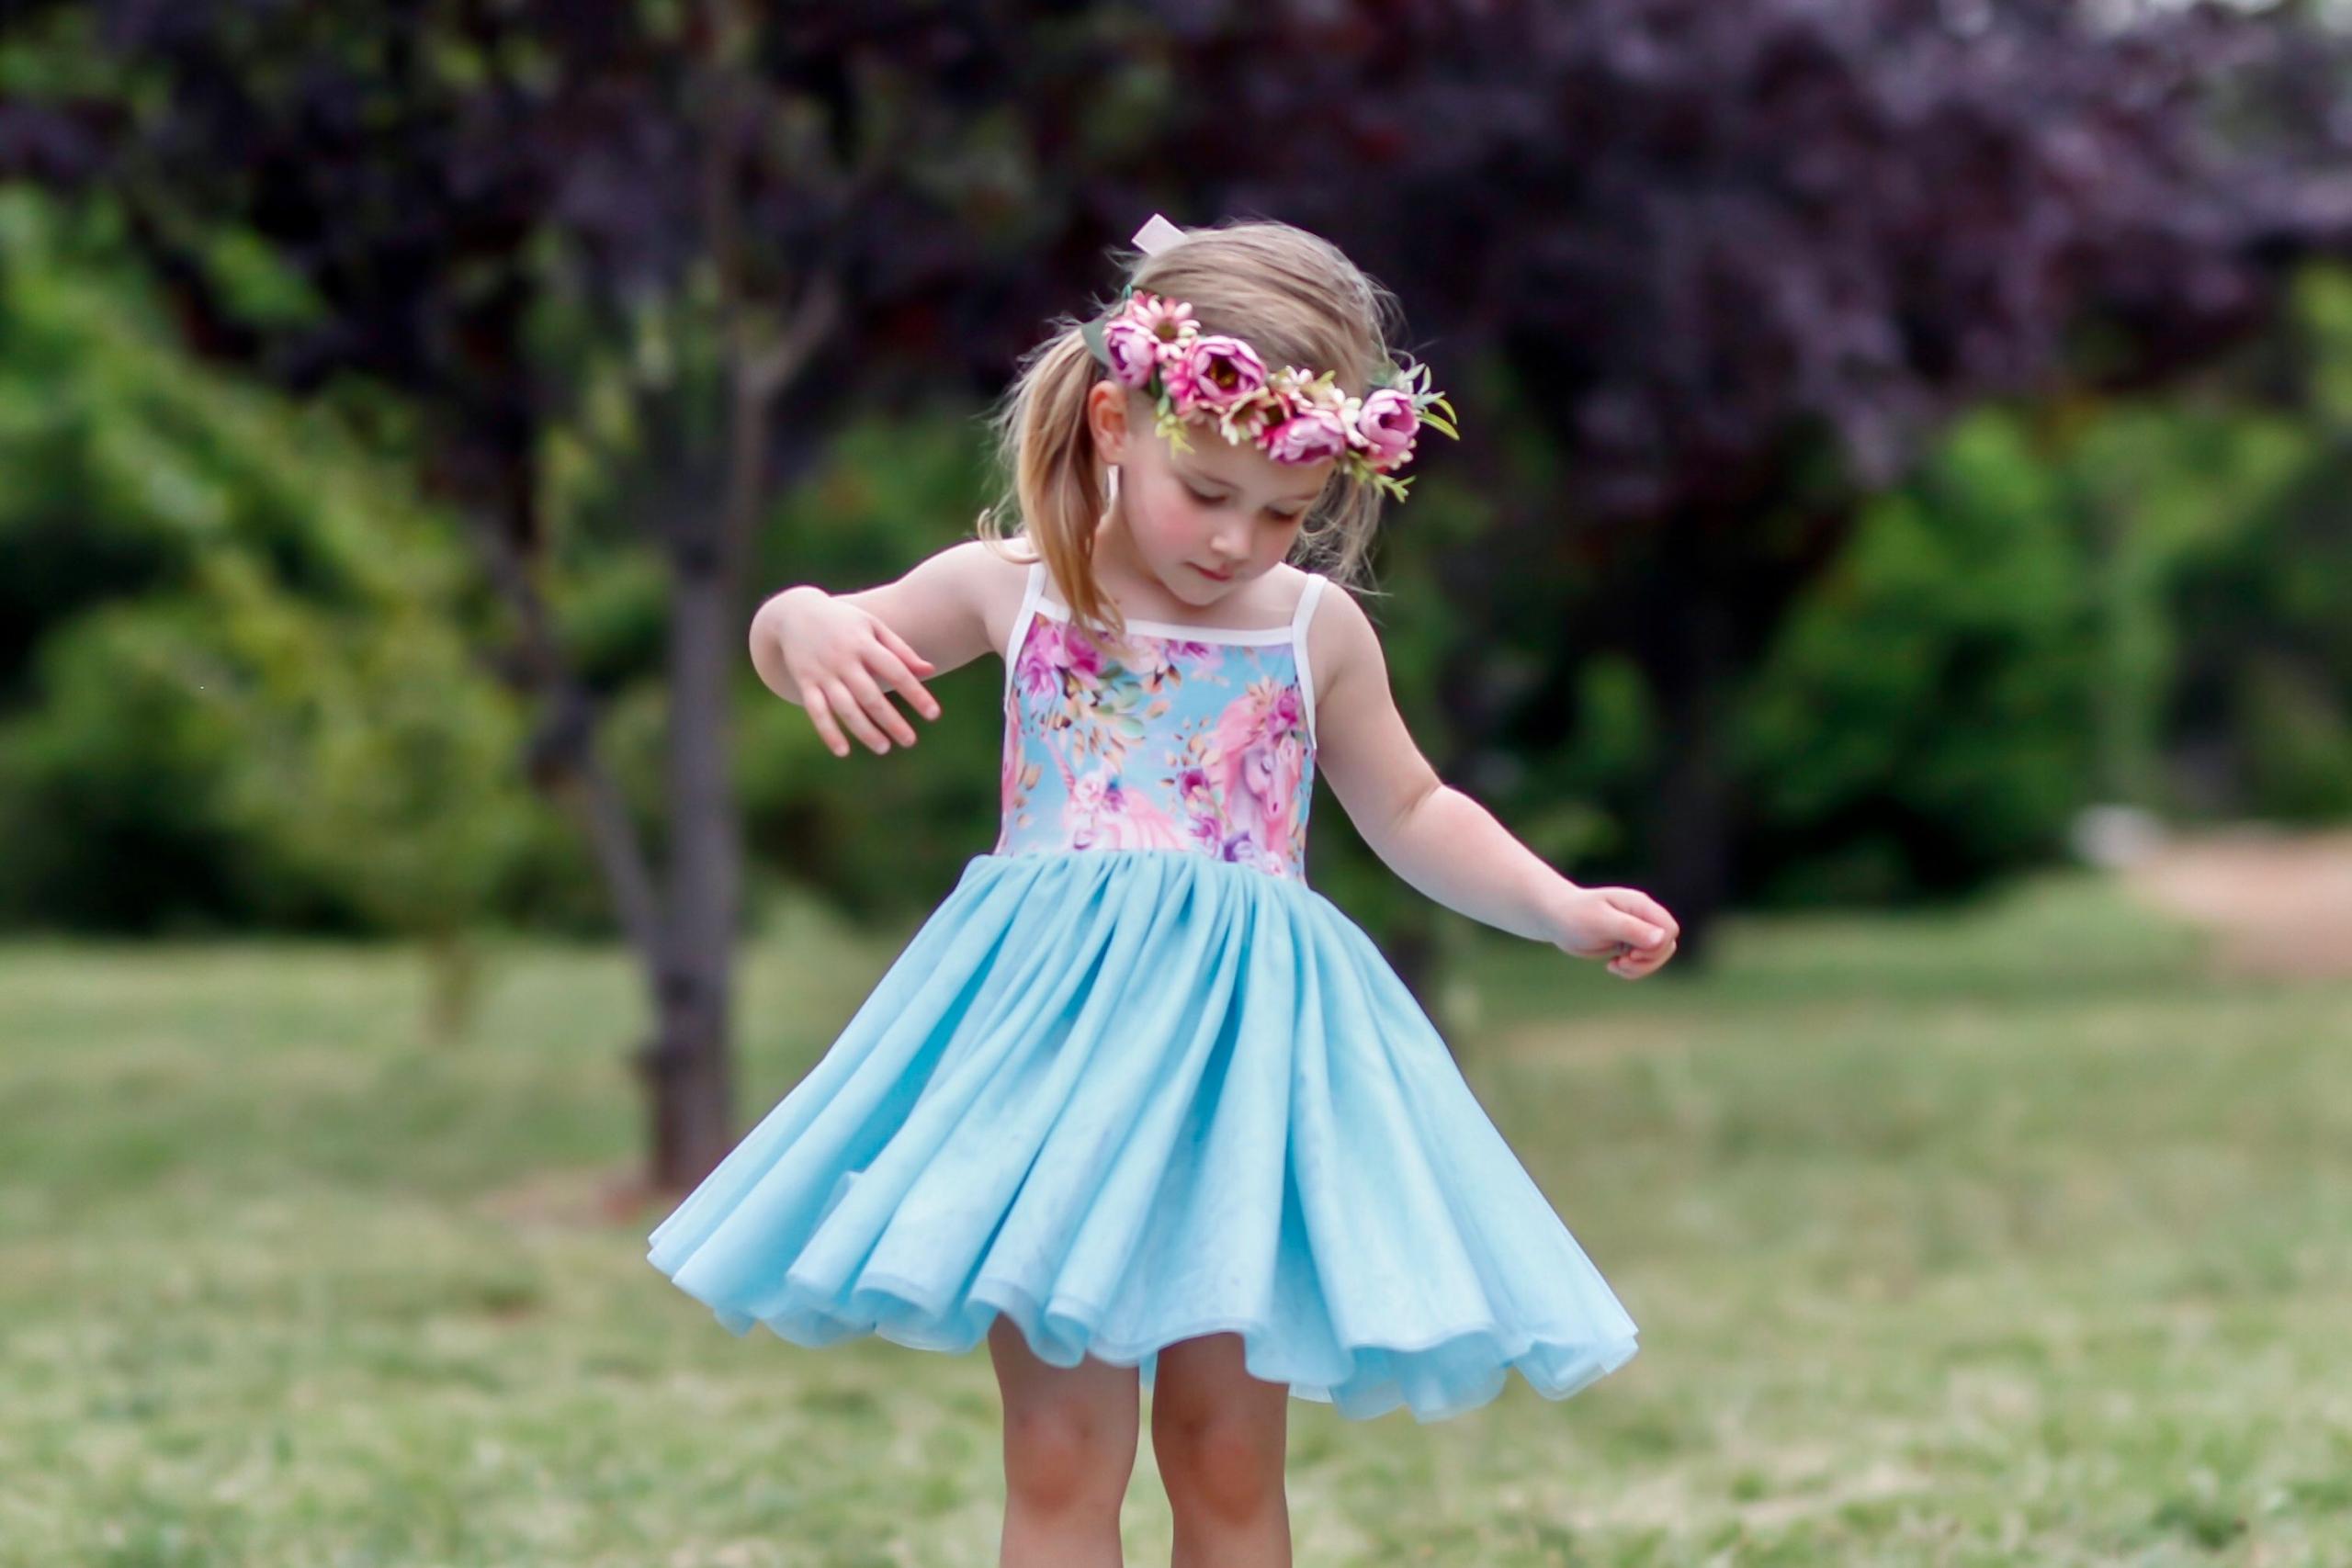 Cute girl in tutu dress